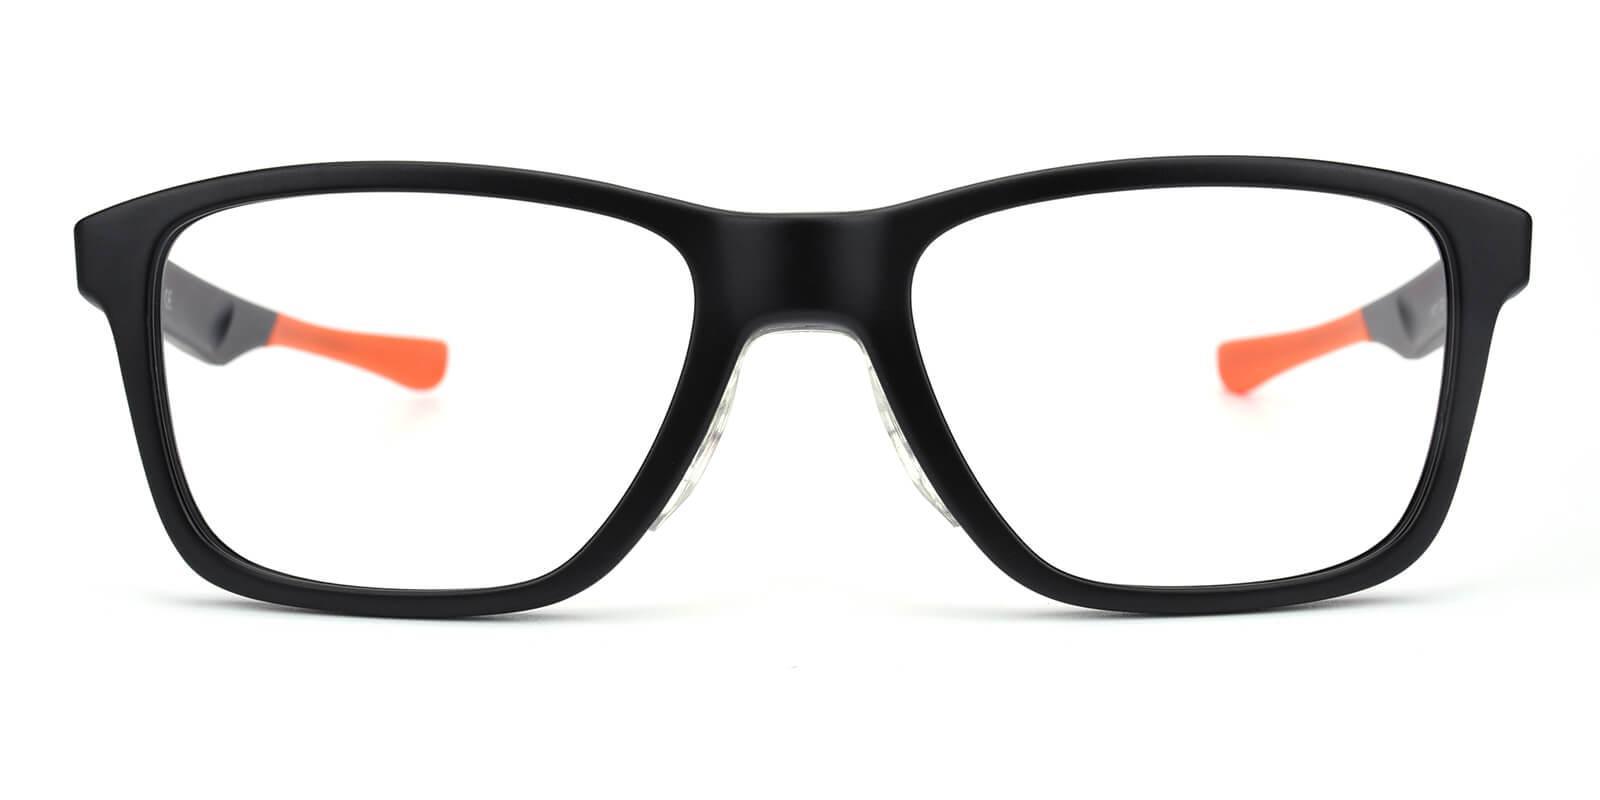 Pele-Orange-Square-TR-SportsGlasses-additional2